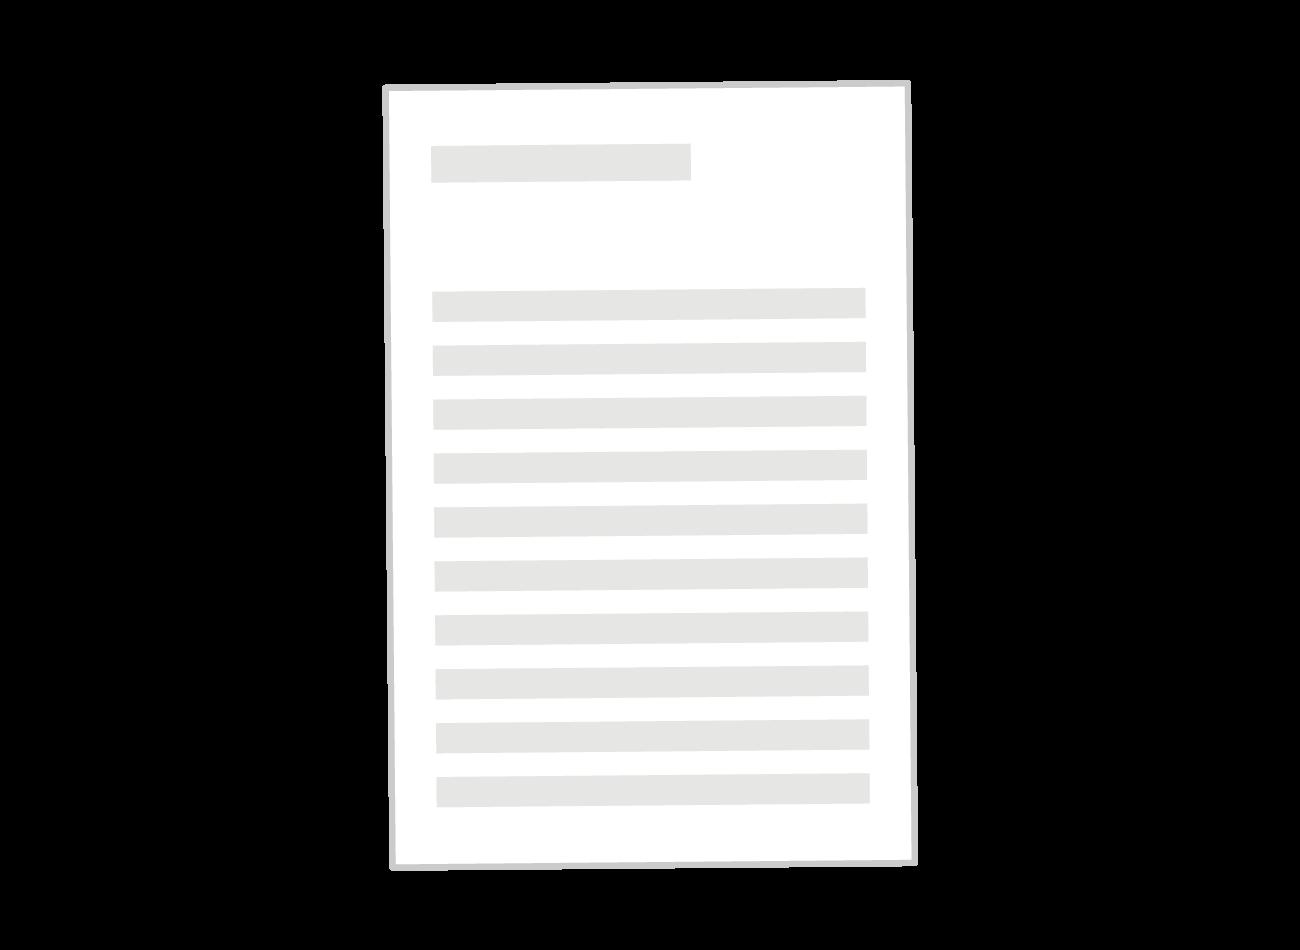 診療情報提供書(お持ちの方)